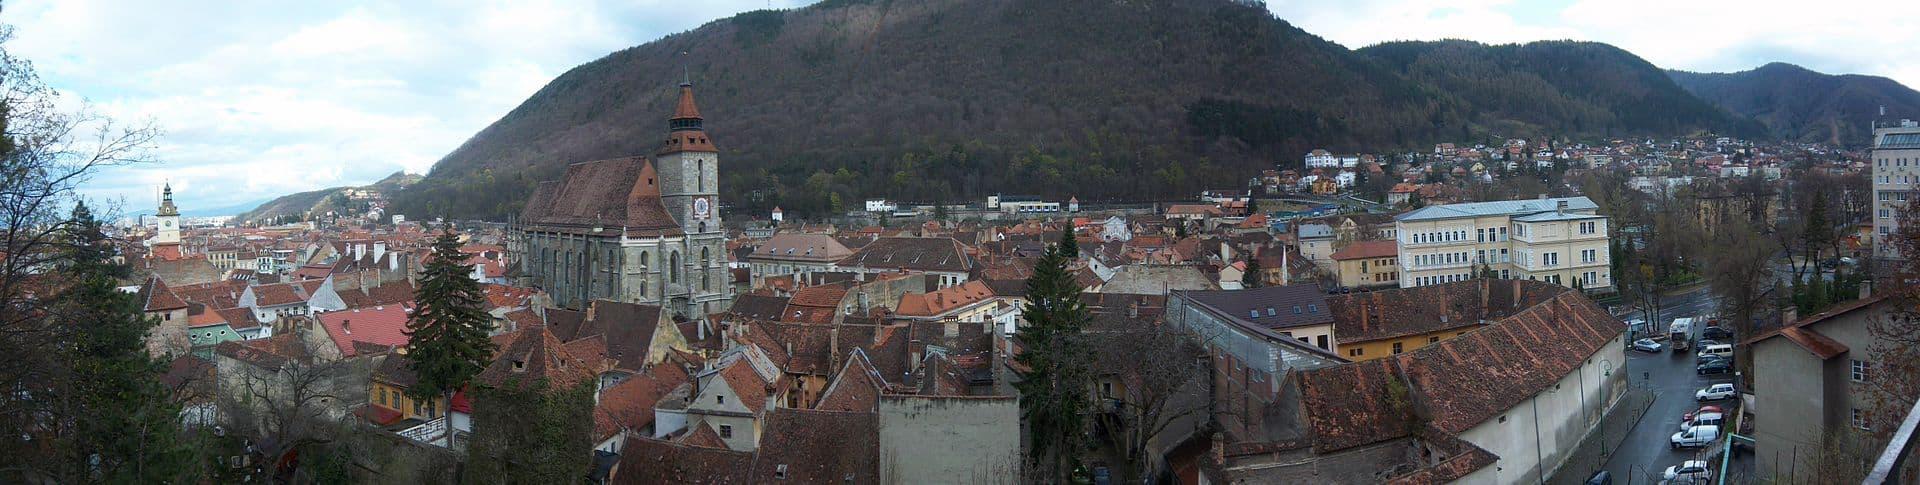 Vista panorámica de Brásov, ciudad natal de Gyula Hálasz